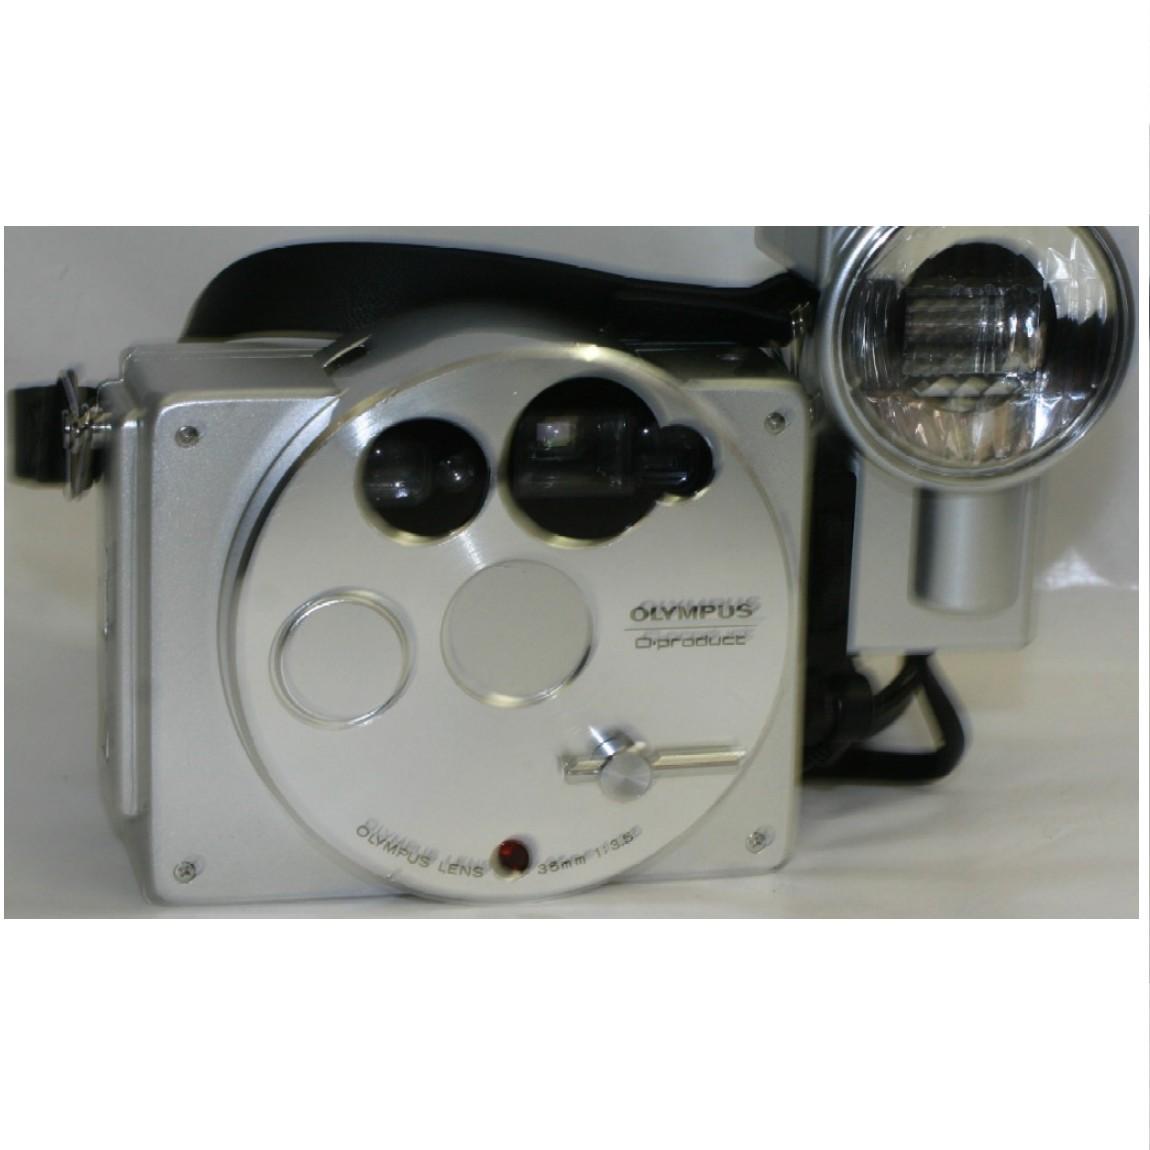 【中古】コレクションに最適オリンパス35mm2万個限定アルミニウム素材綺麗ですがコンパクトカメラストロボ発光しません ○F12-27